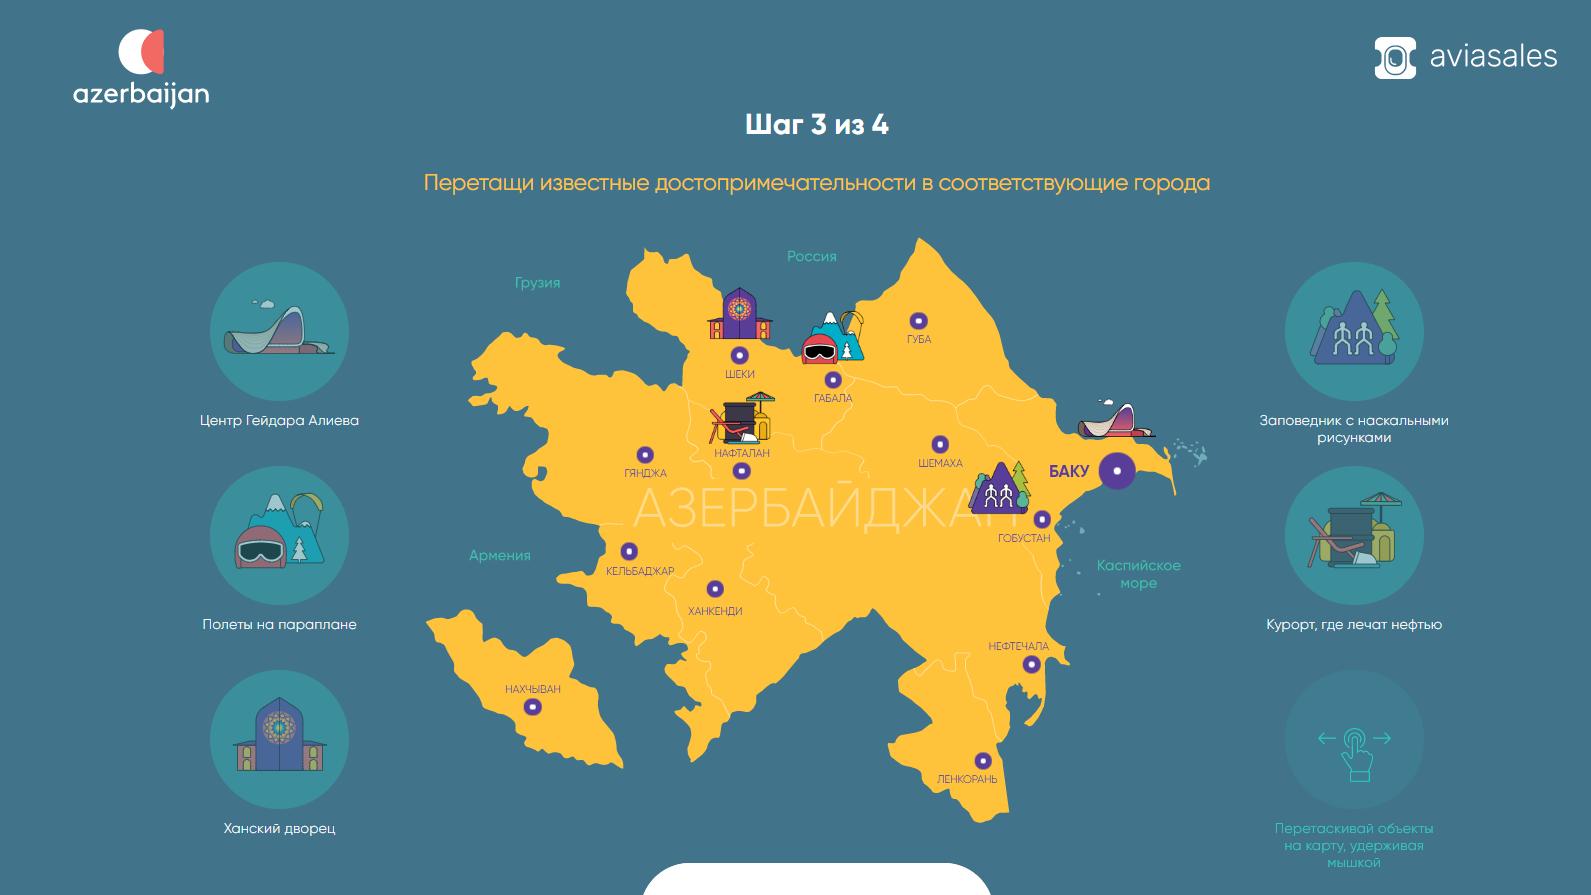 Rusiyada Azərbaycanın turizm imkanlarının təbliği genişləndirilir